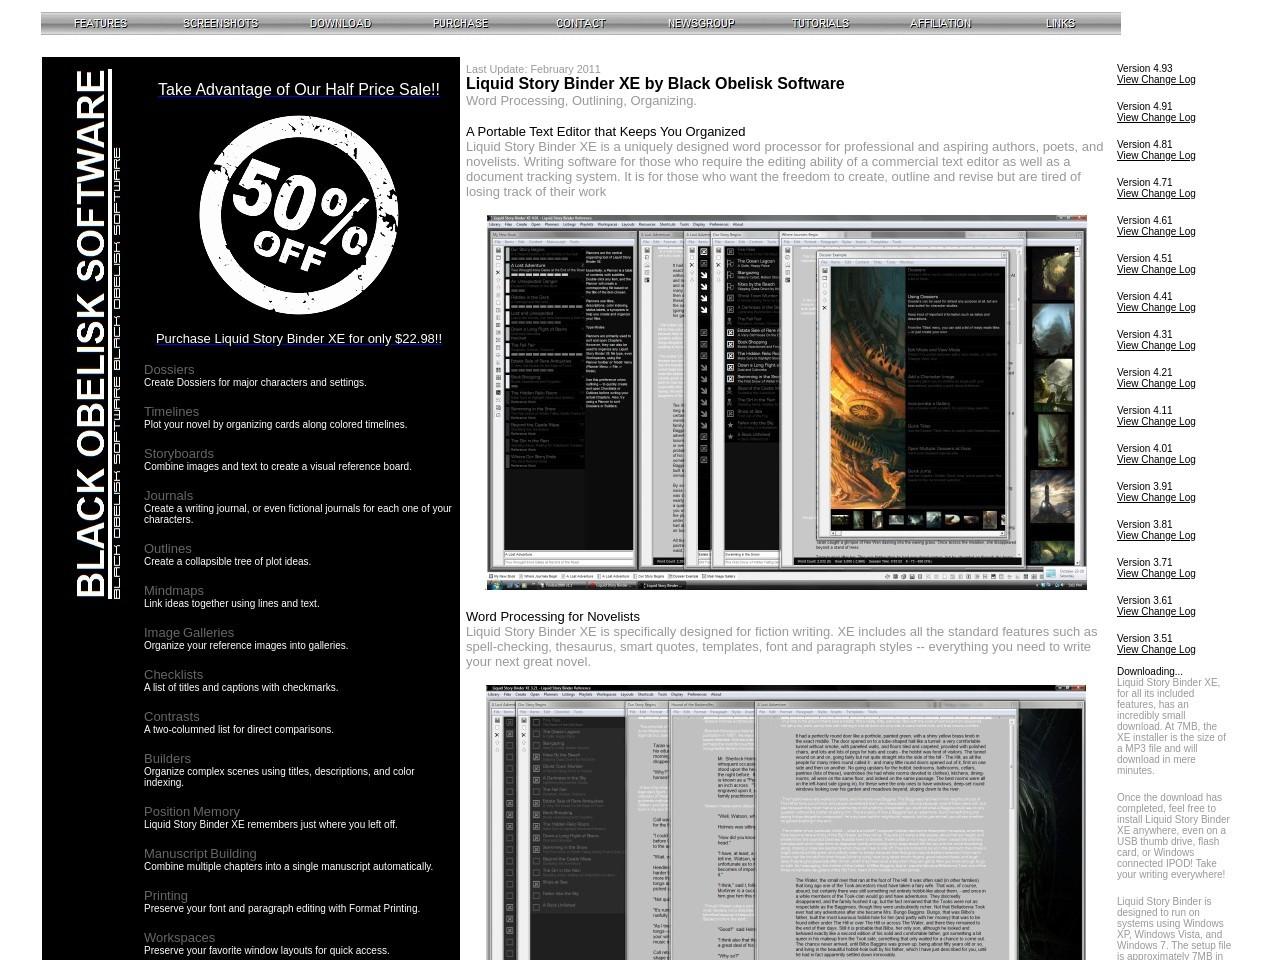 Black Obelisk Software